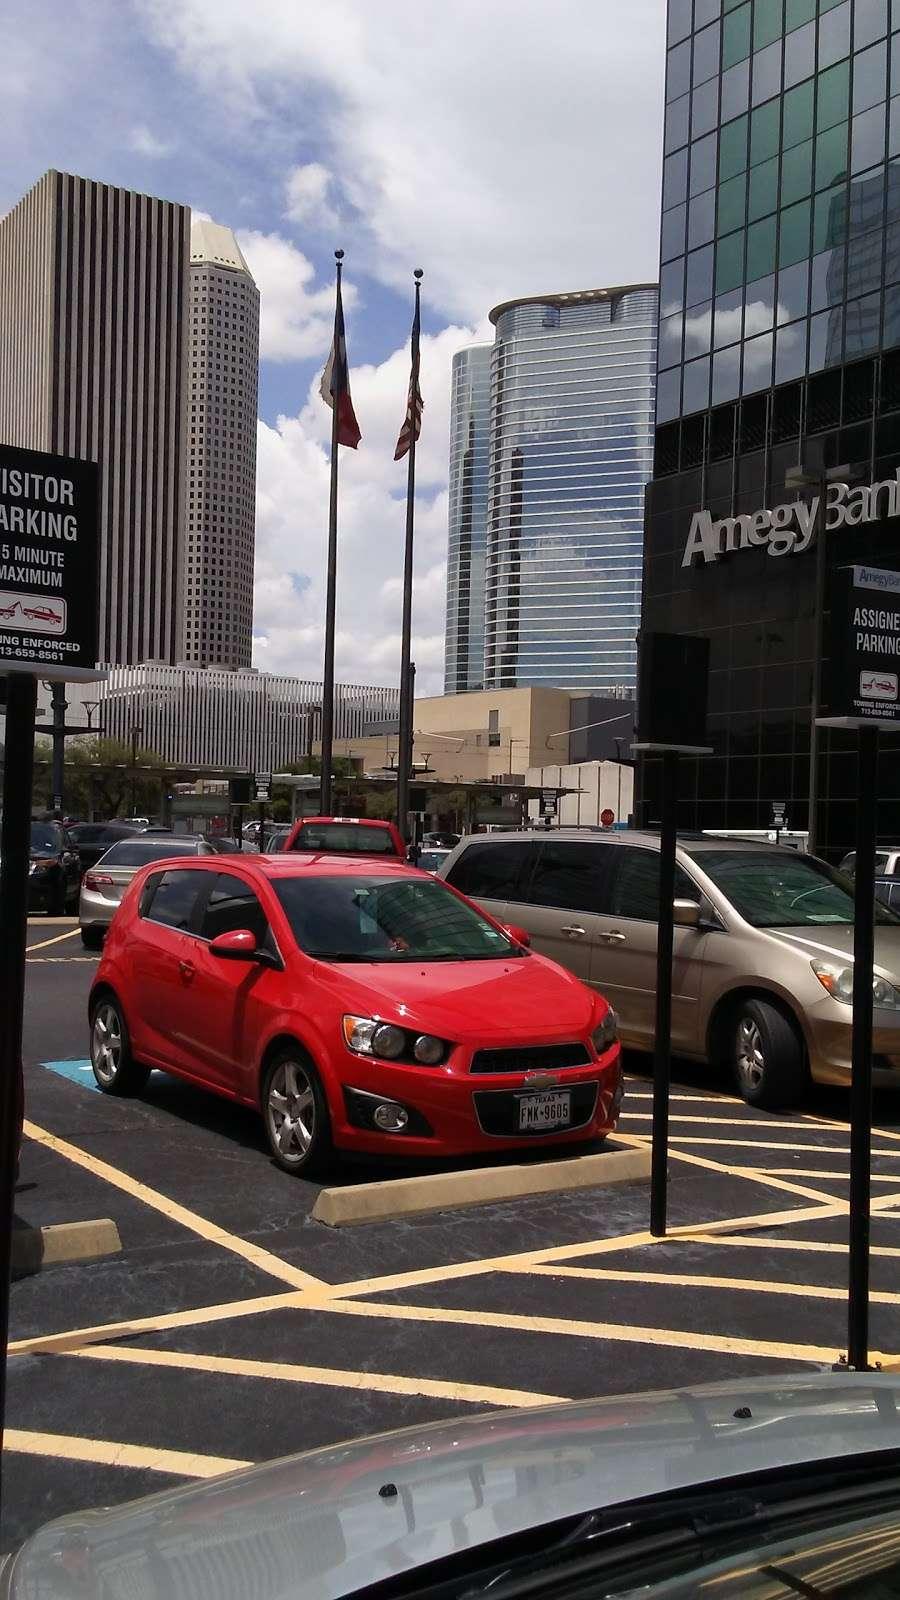 Amegy Bank - bank  | Photo 6 of 7 | Address: 2595 W Lake Houston Pkwy, Kingwood, TX 77339, USA | Phone: (713) 232-3355